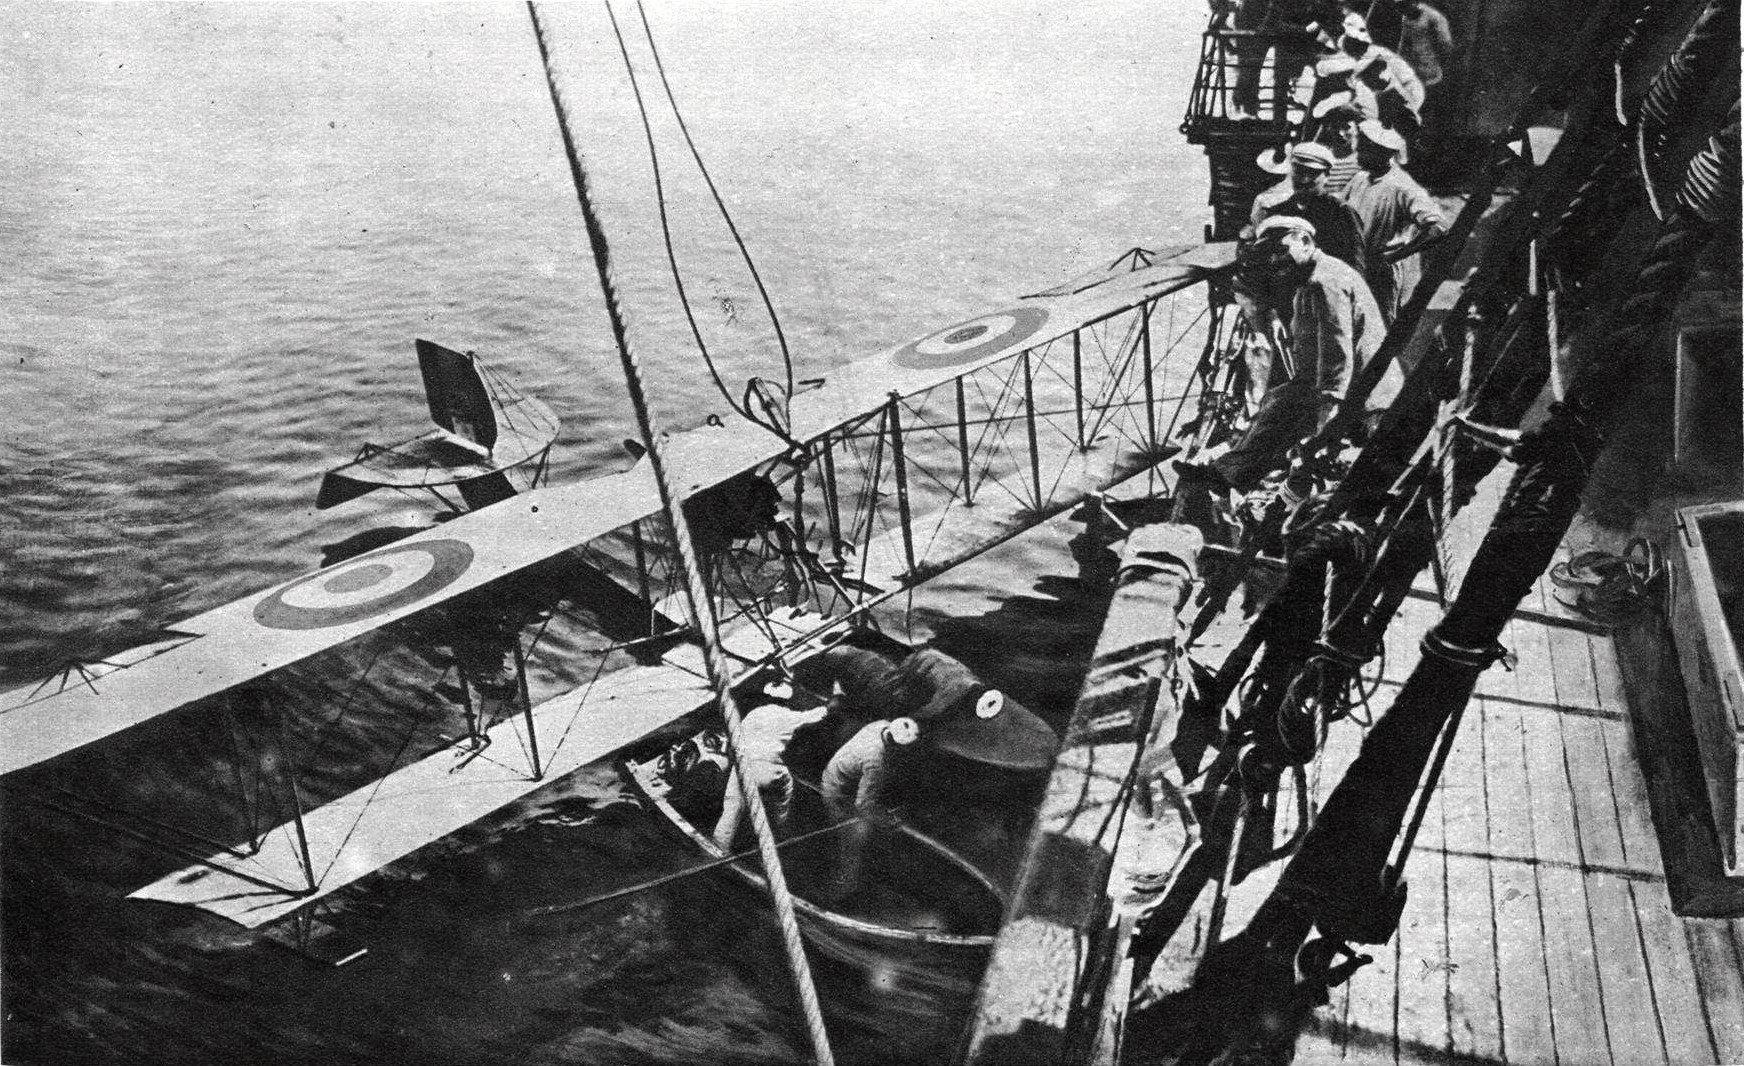 hydravion_fba_typ_c_de_lutte_contre_les_sous-marins_en_mer_en_1918.jpg